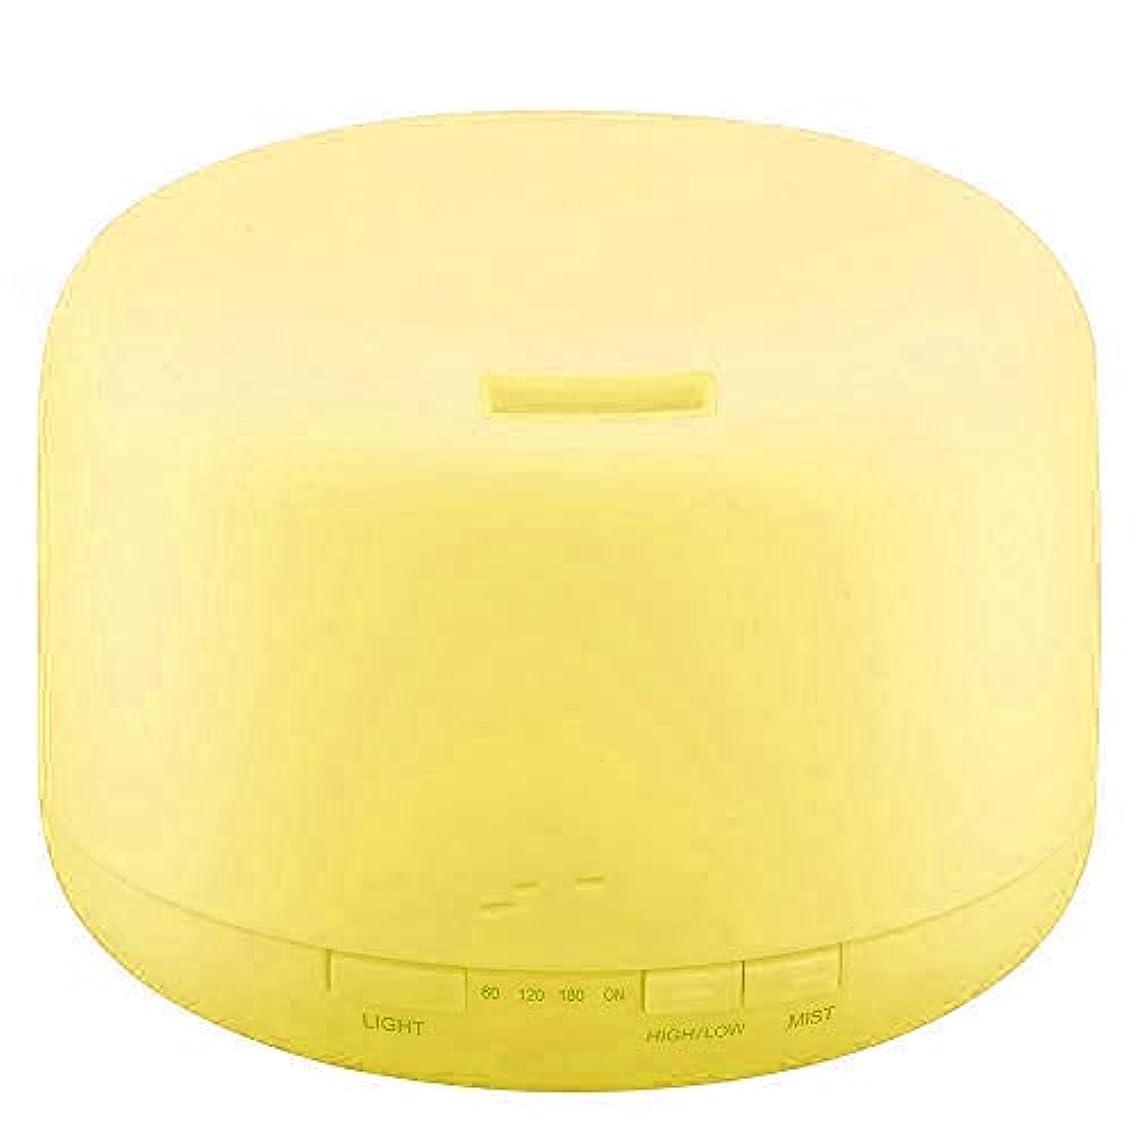 首尾一貫したフォーム火薬URPOWER 300 ml Aromatherapy Essential Oil Diffuser with 4タイマー設定とWaterless自動遮断 300ml OD13